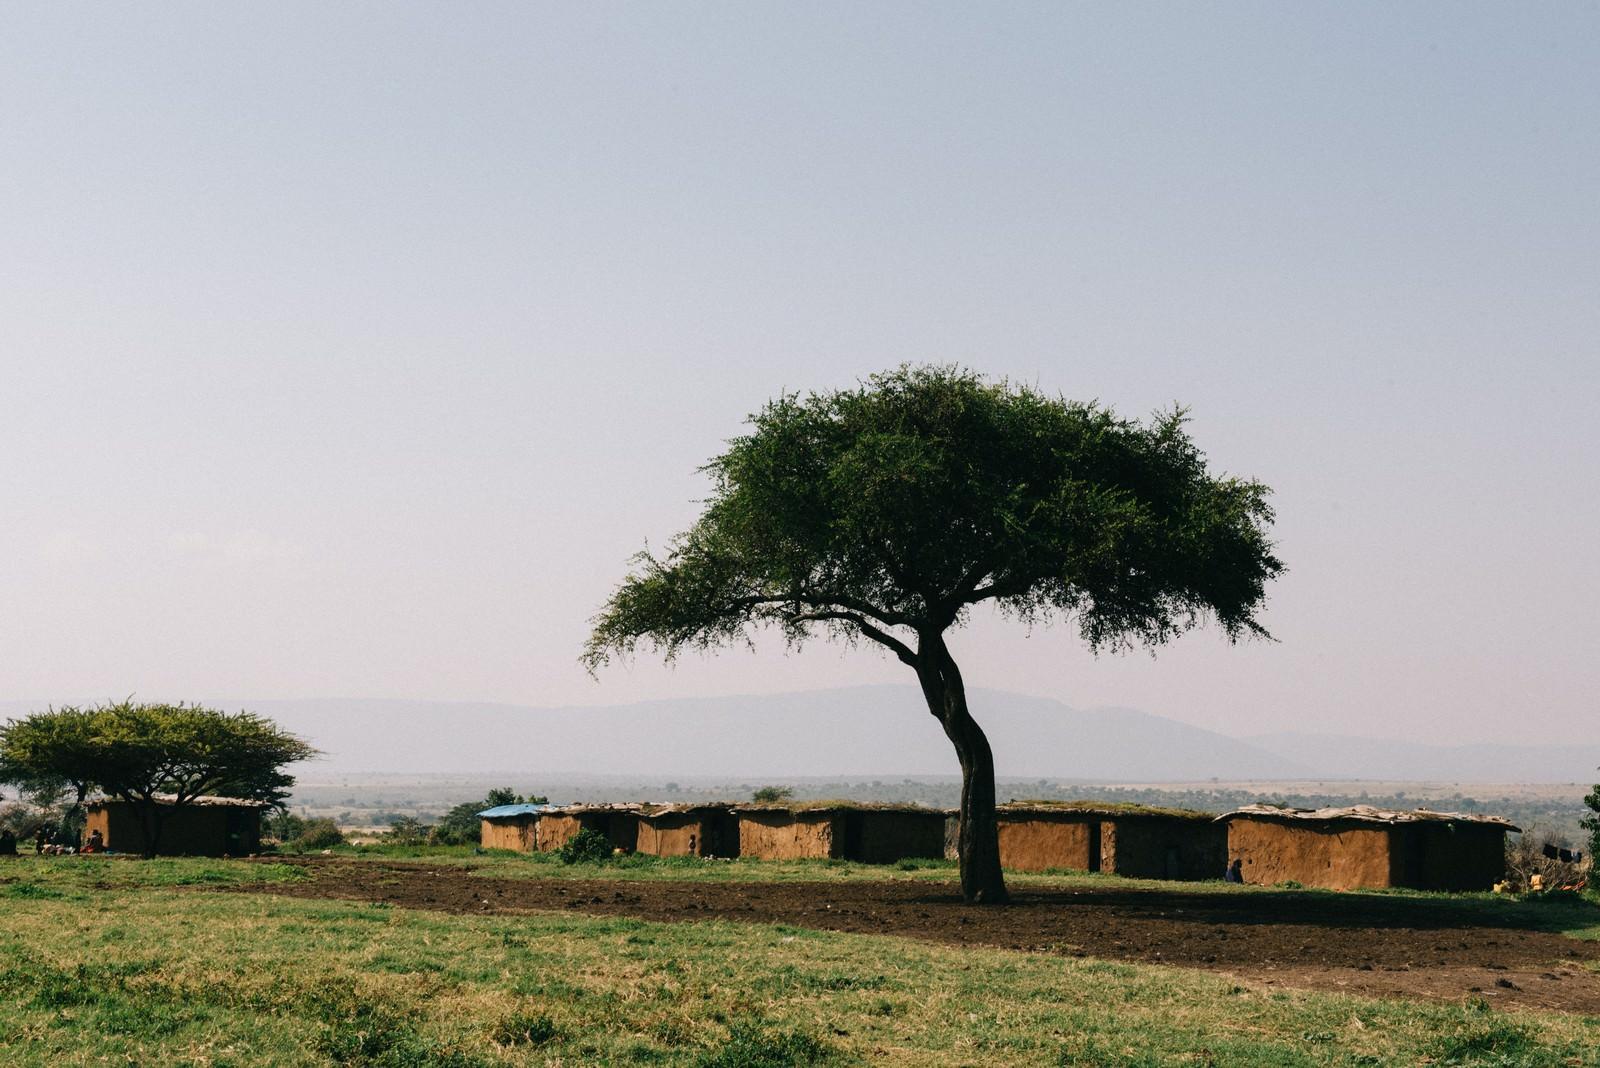 「アフリカ、マサイ族の家と木」の写真